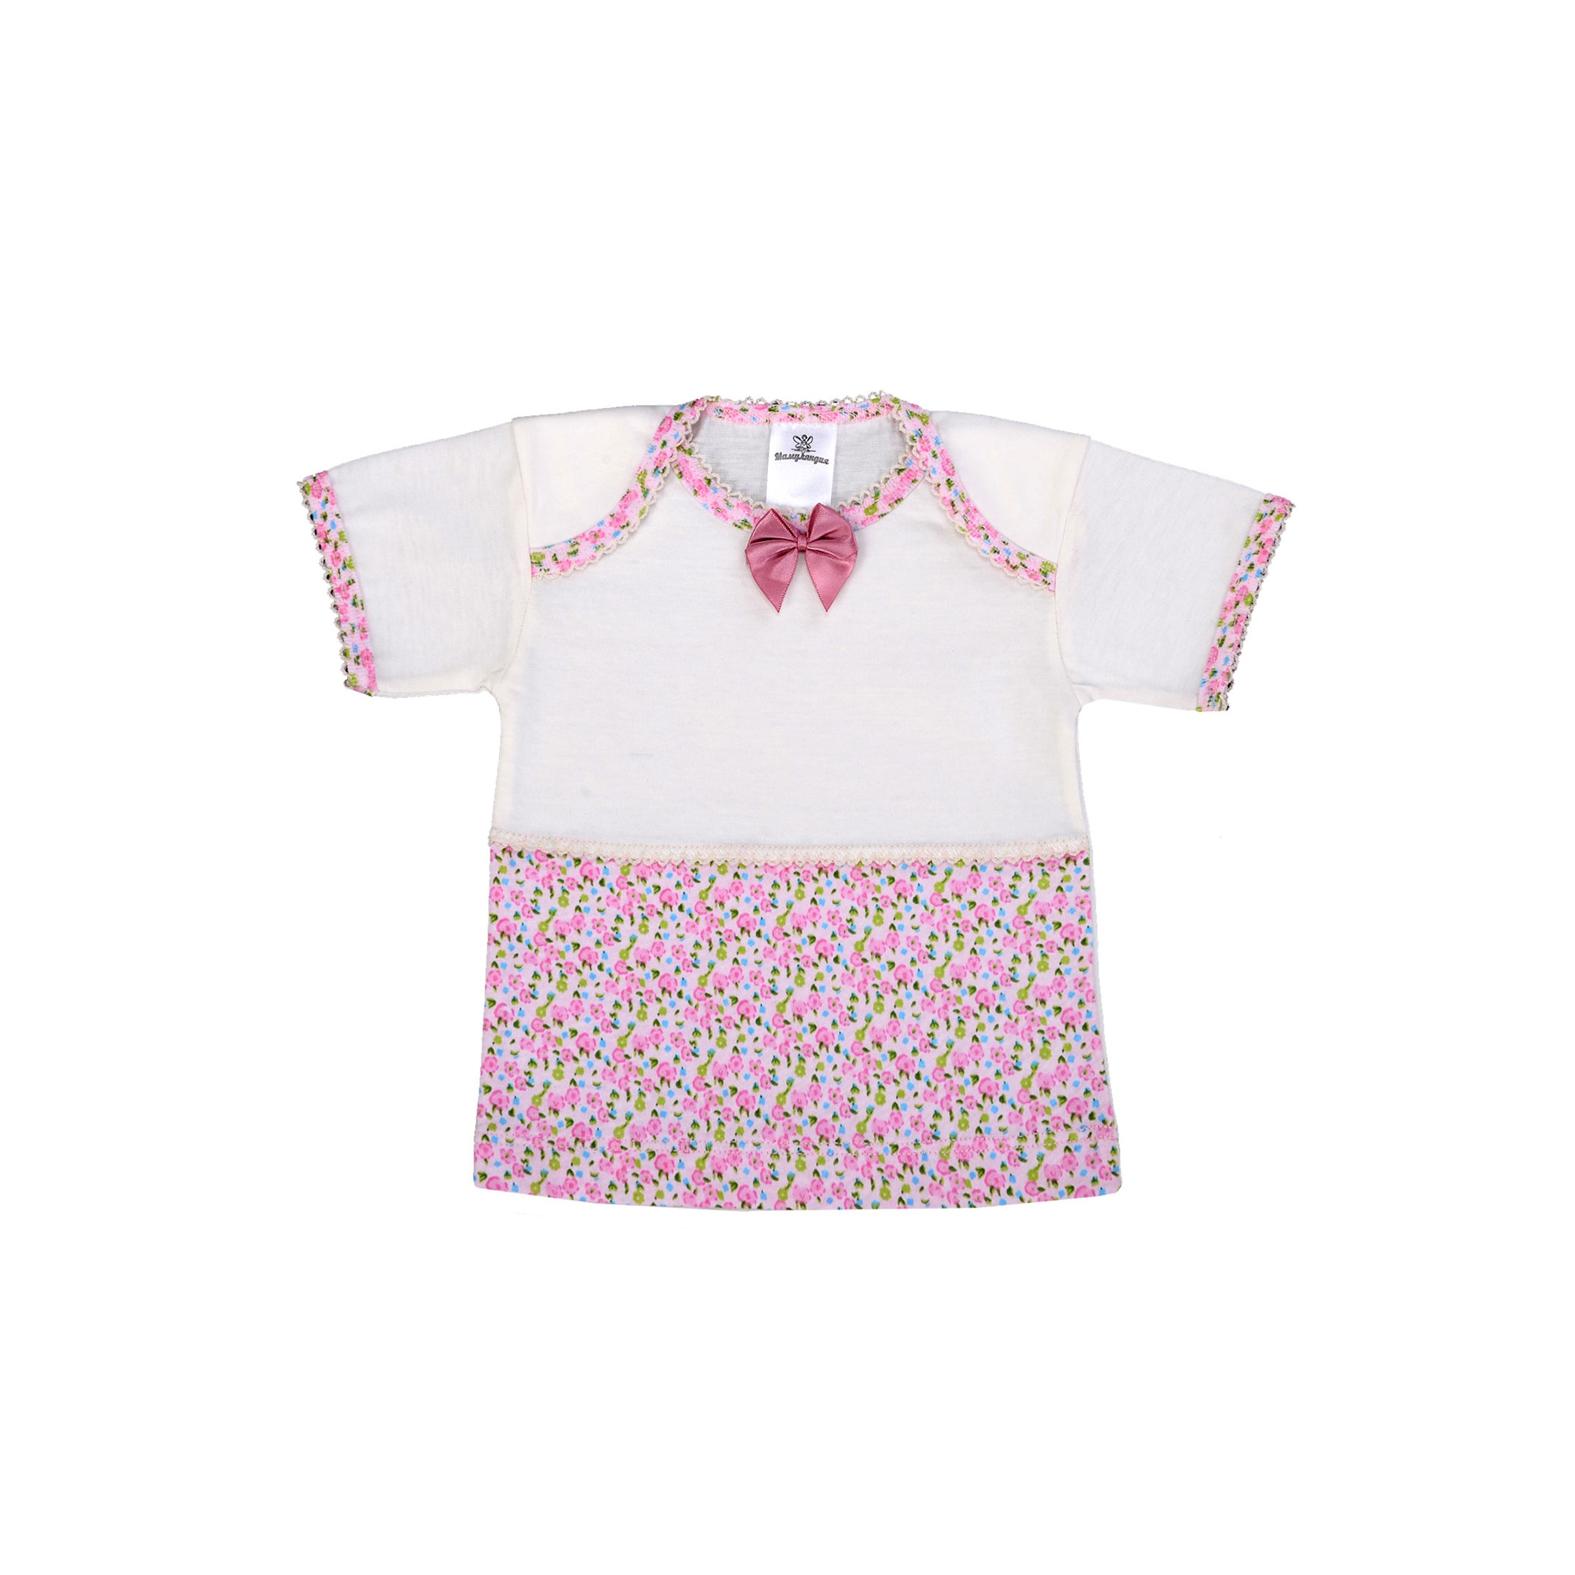 Футболка Мамуляндия Прованс для девочки розовый размер 56 см<br>